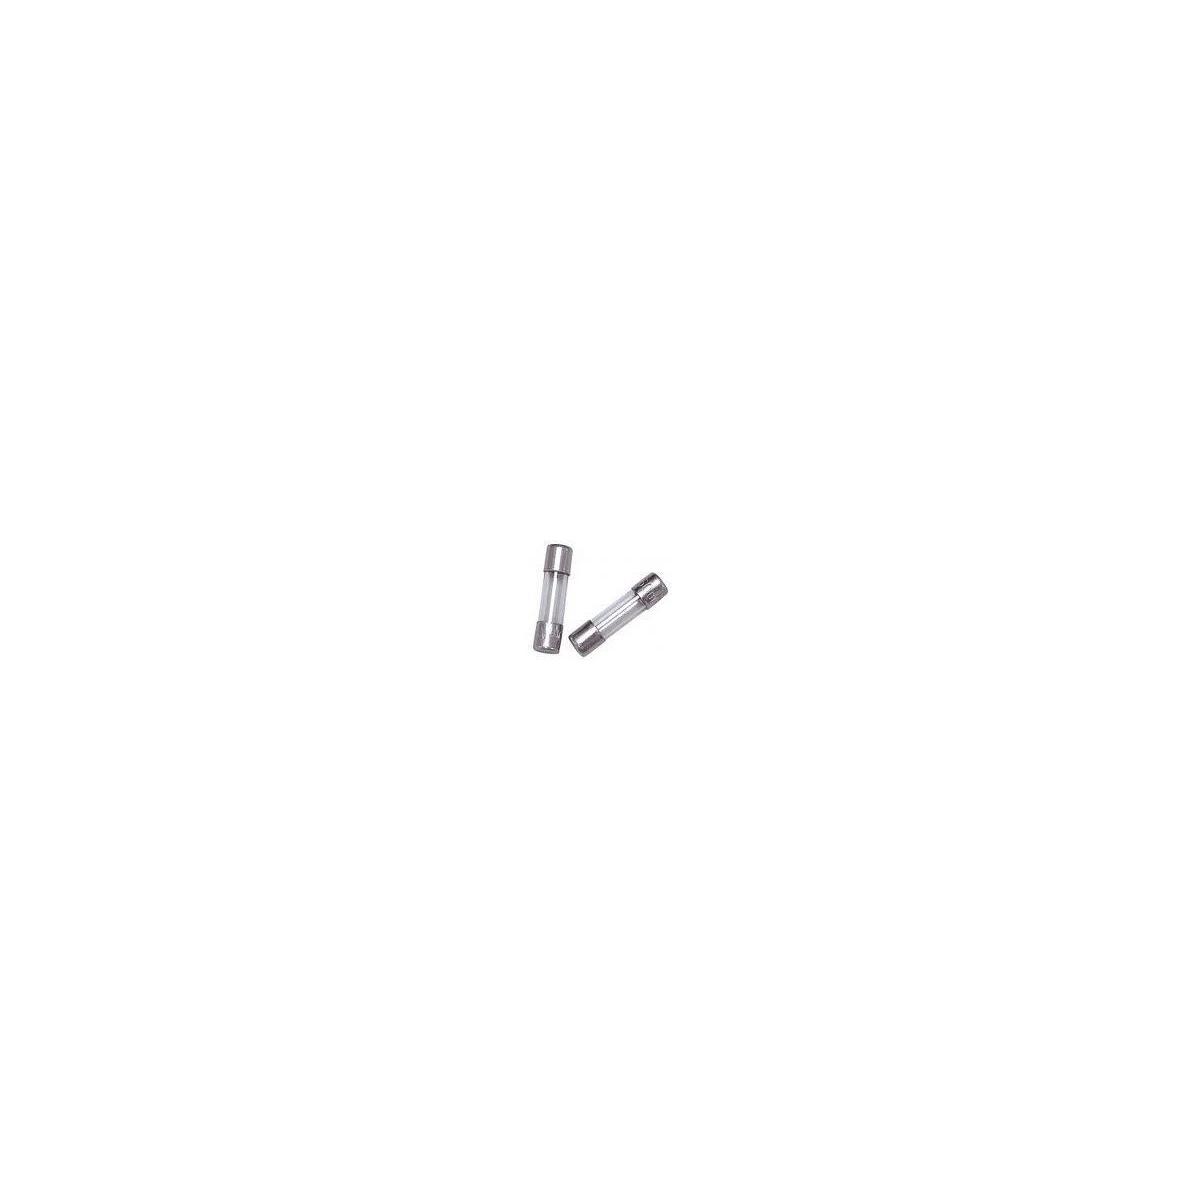 FUSIVEL - F RAPIDO 5X20MM (PACOTE COM 10 UNIDADES )-    0,35A